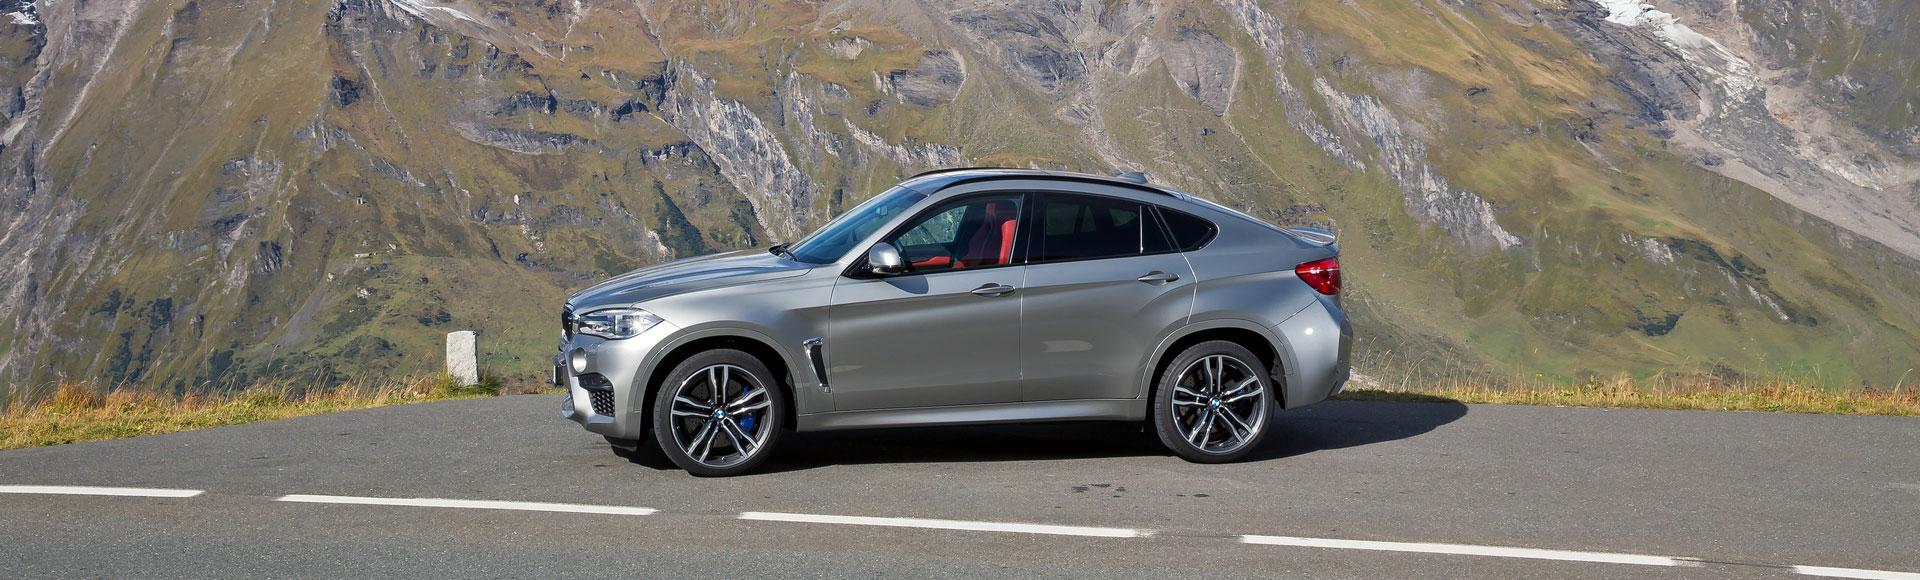 BMW X6 M 2015 Herbst 046